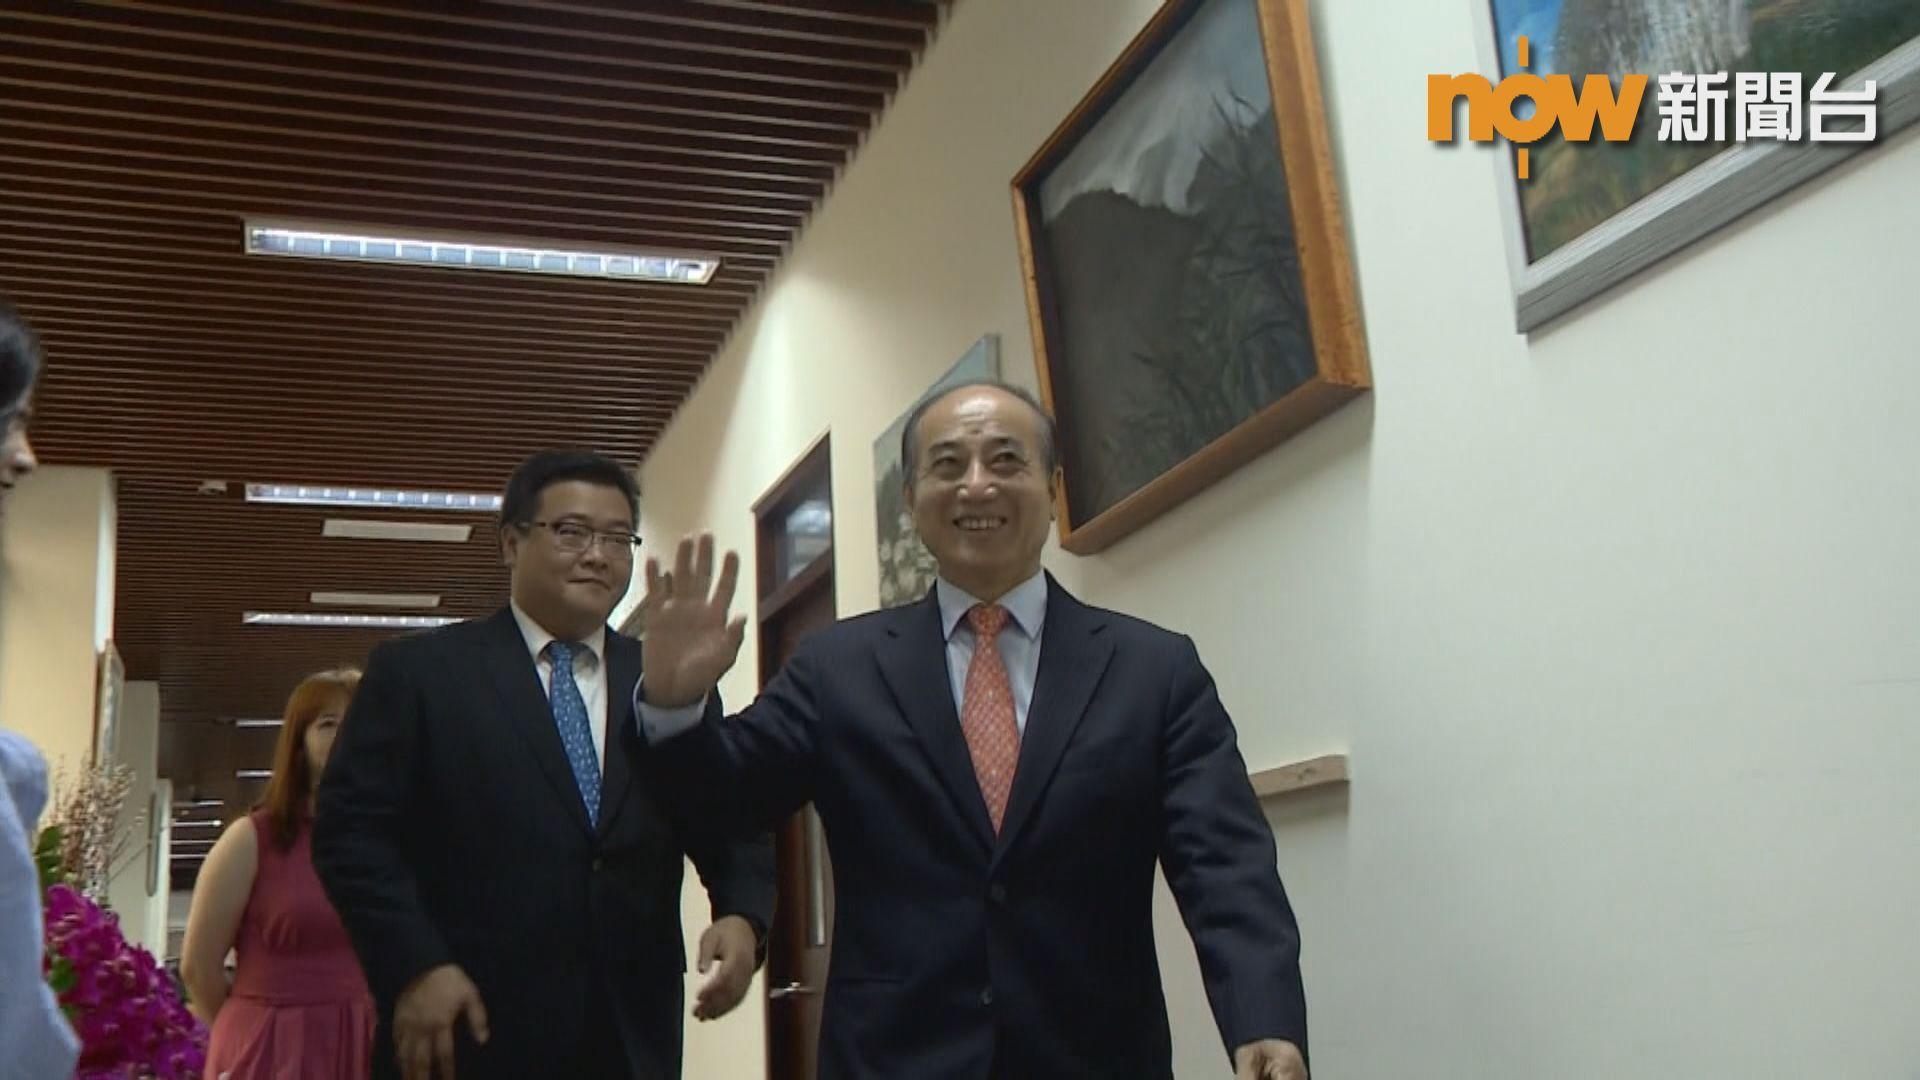 國民黨前代理主席出席海峽論壇 國民黨:與黨無關